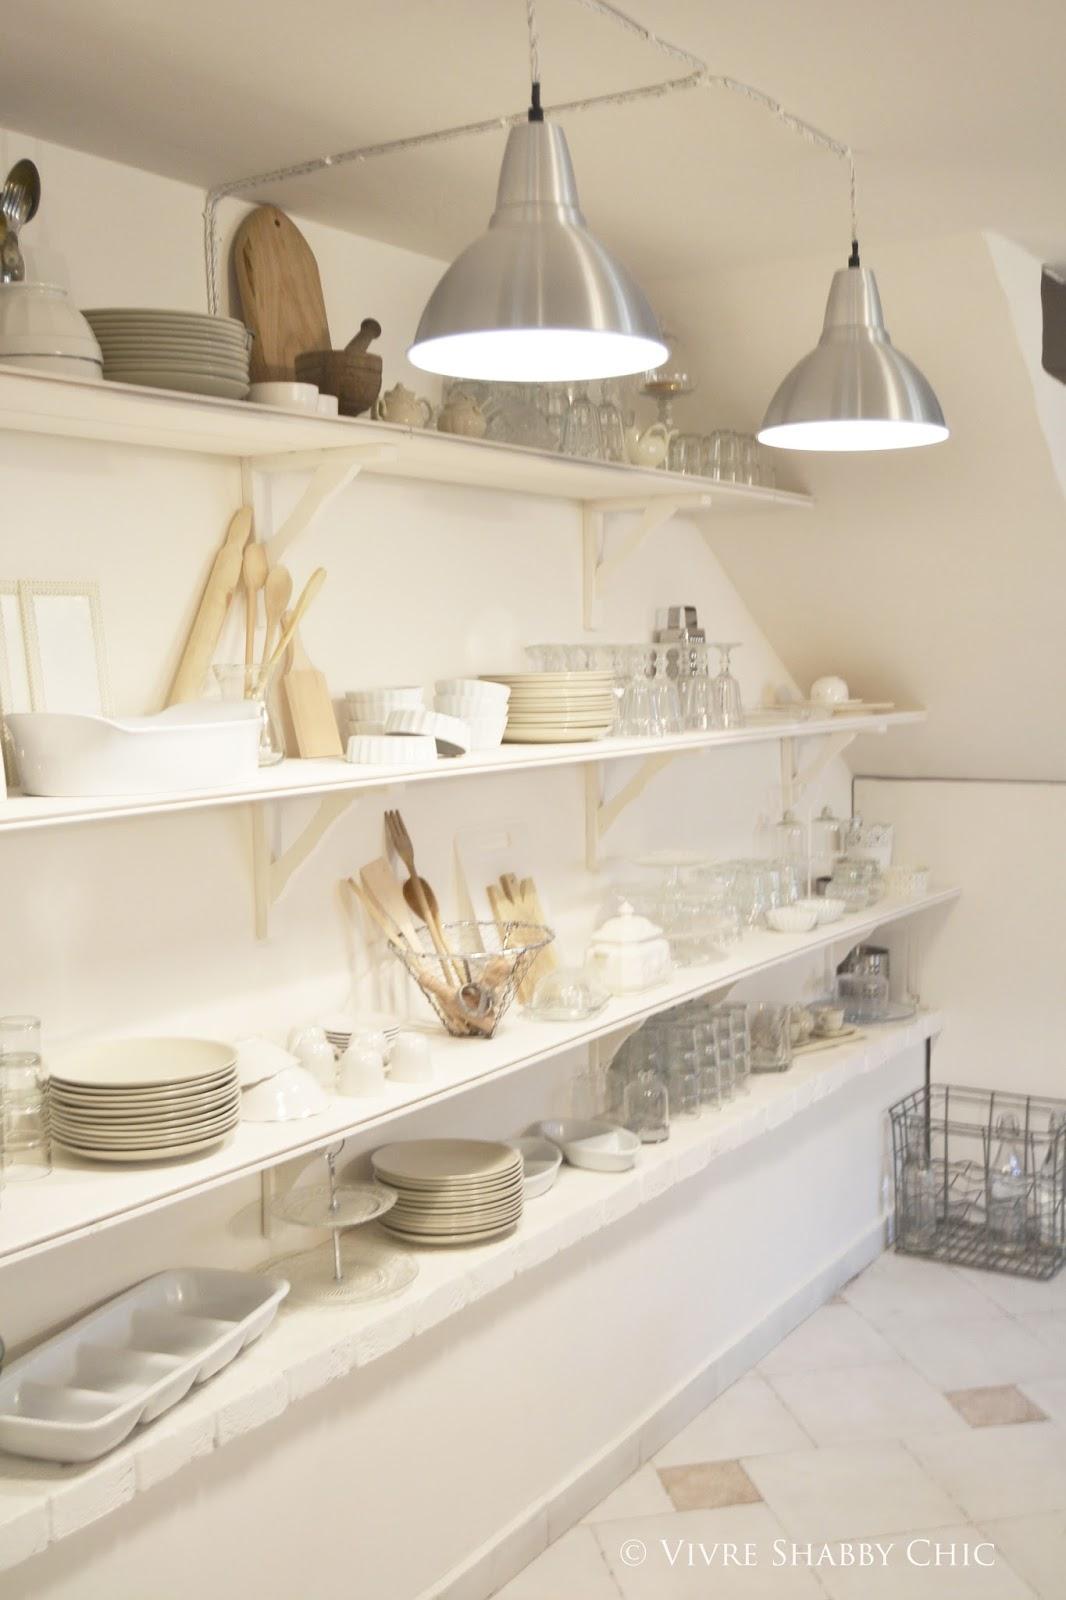 Vivre Shabby Chic: Un tocco di stile Industriale: nuove lampade in cucina.